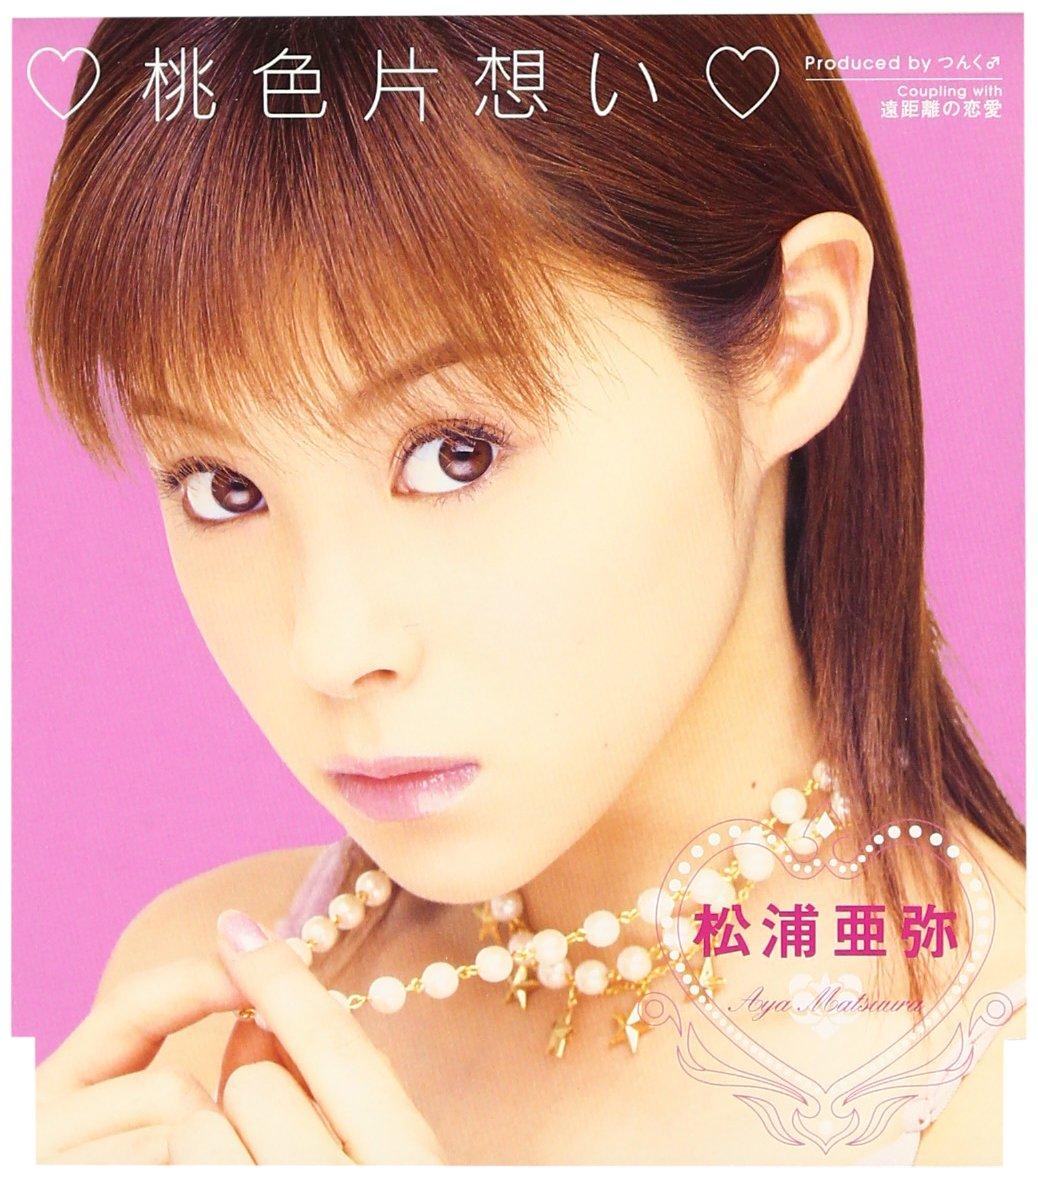 松浦亜弥『桃色片想い』zetima、2002年